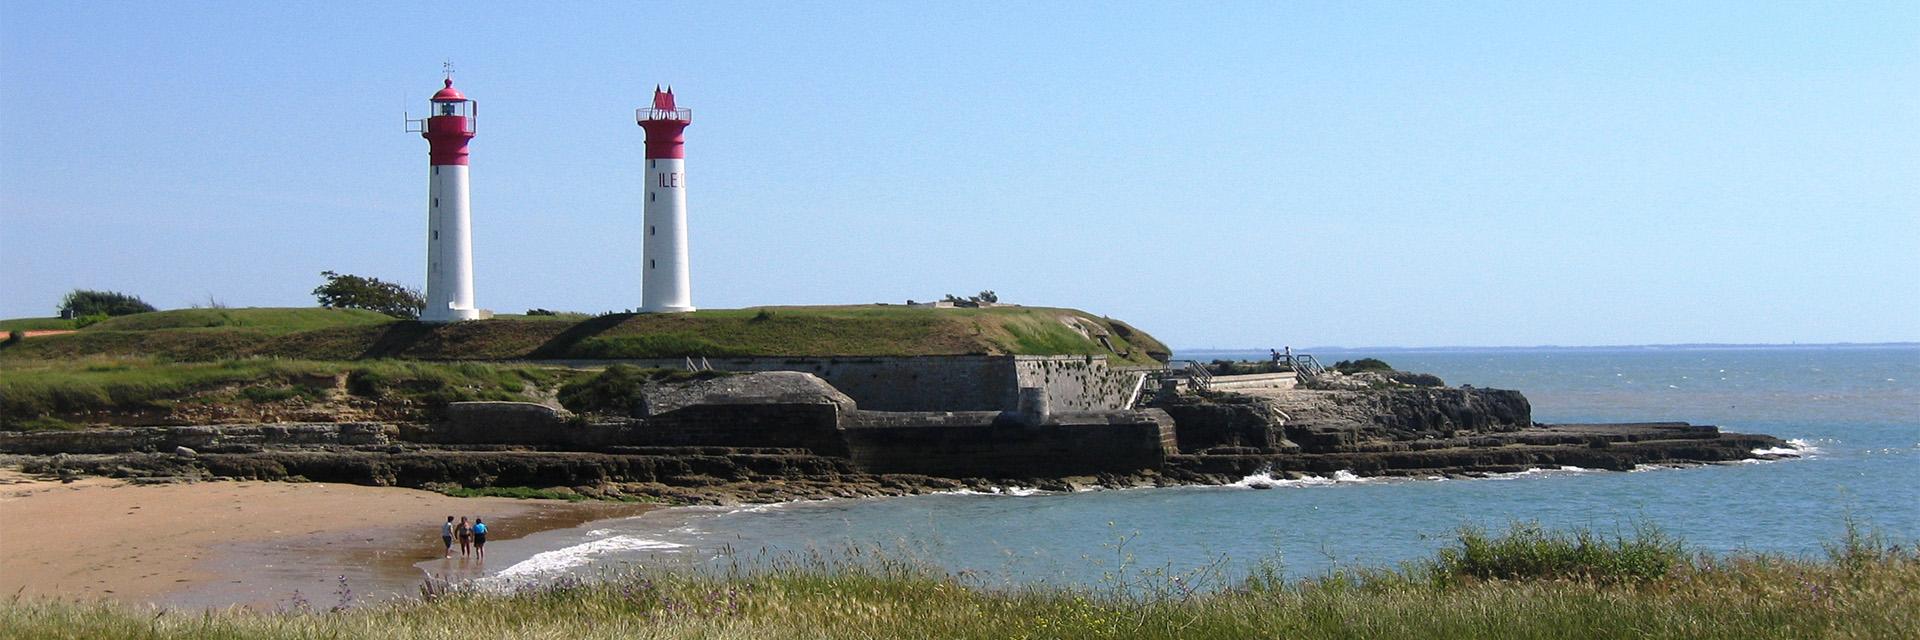 Village_club_vacances_charente-et-landes-arc-en-ciel-oleron-deux-phares-mere-plage